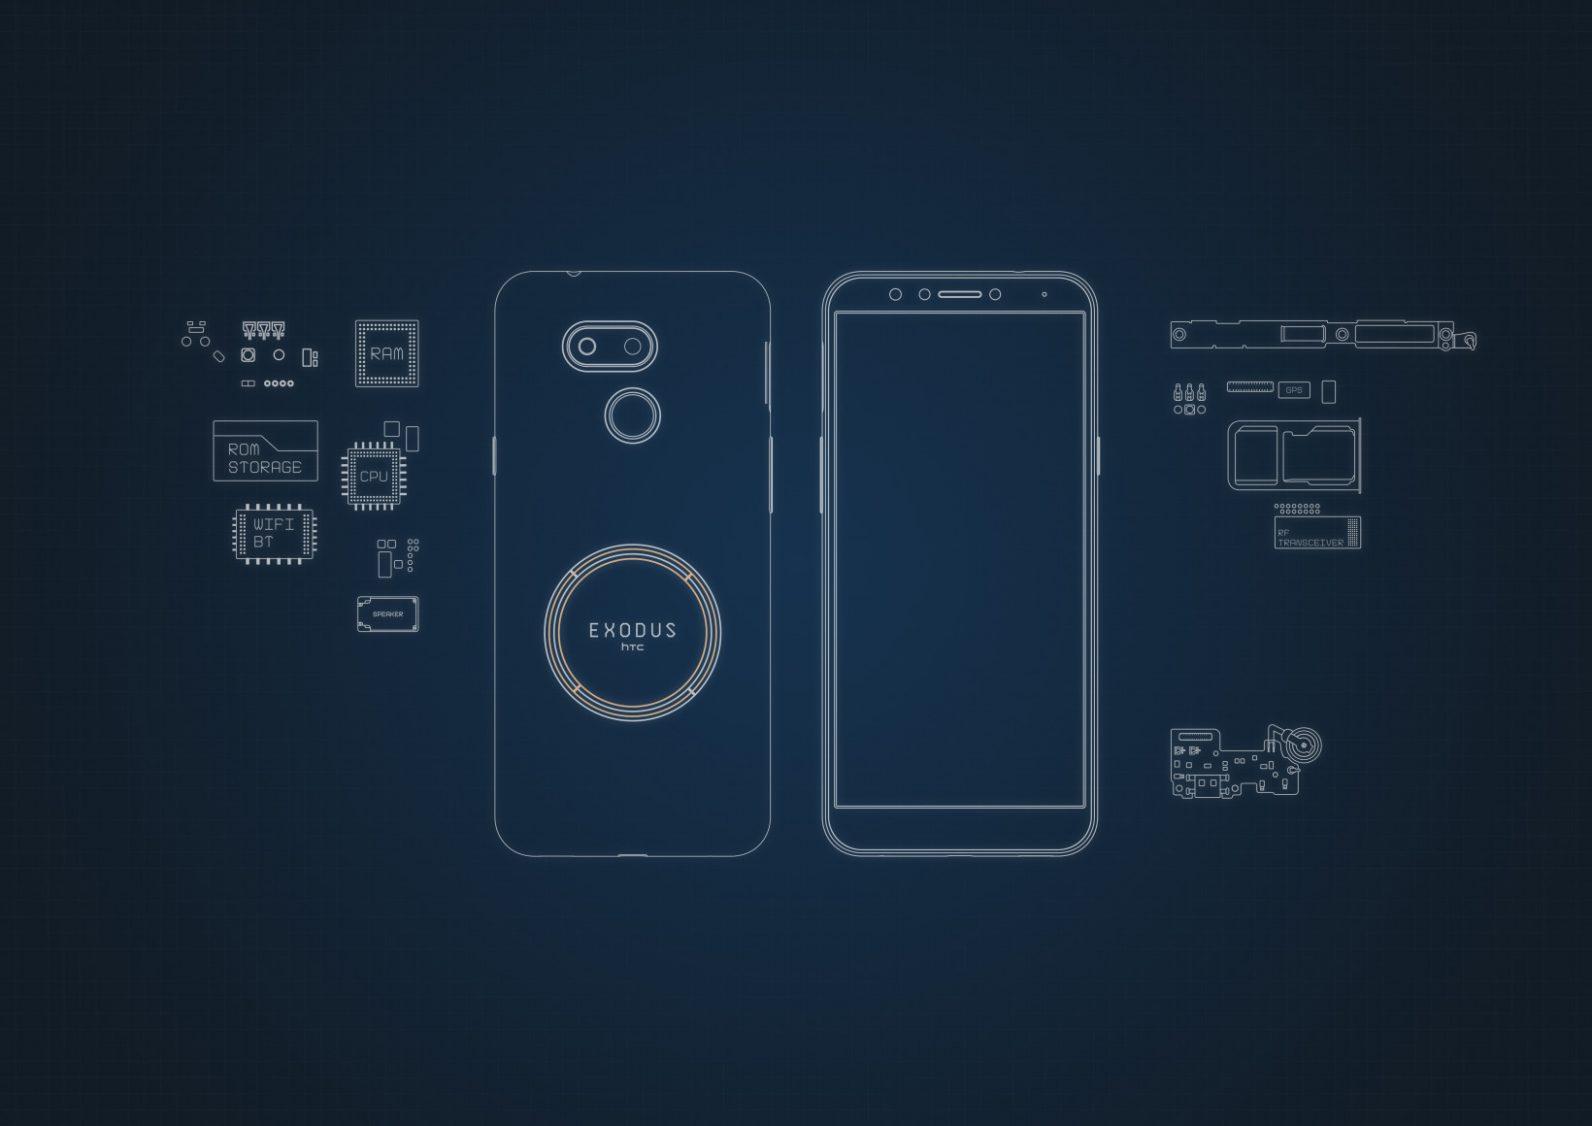 HTC Exodus 1Sè lo smartphone per gli amanti dei bitcoin